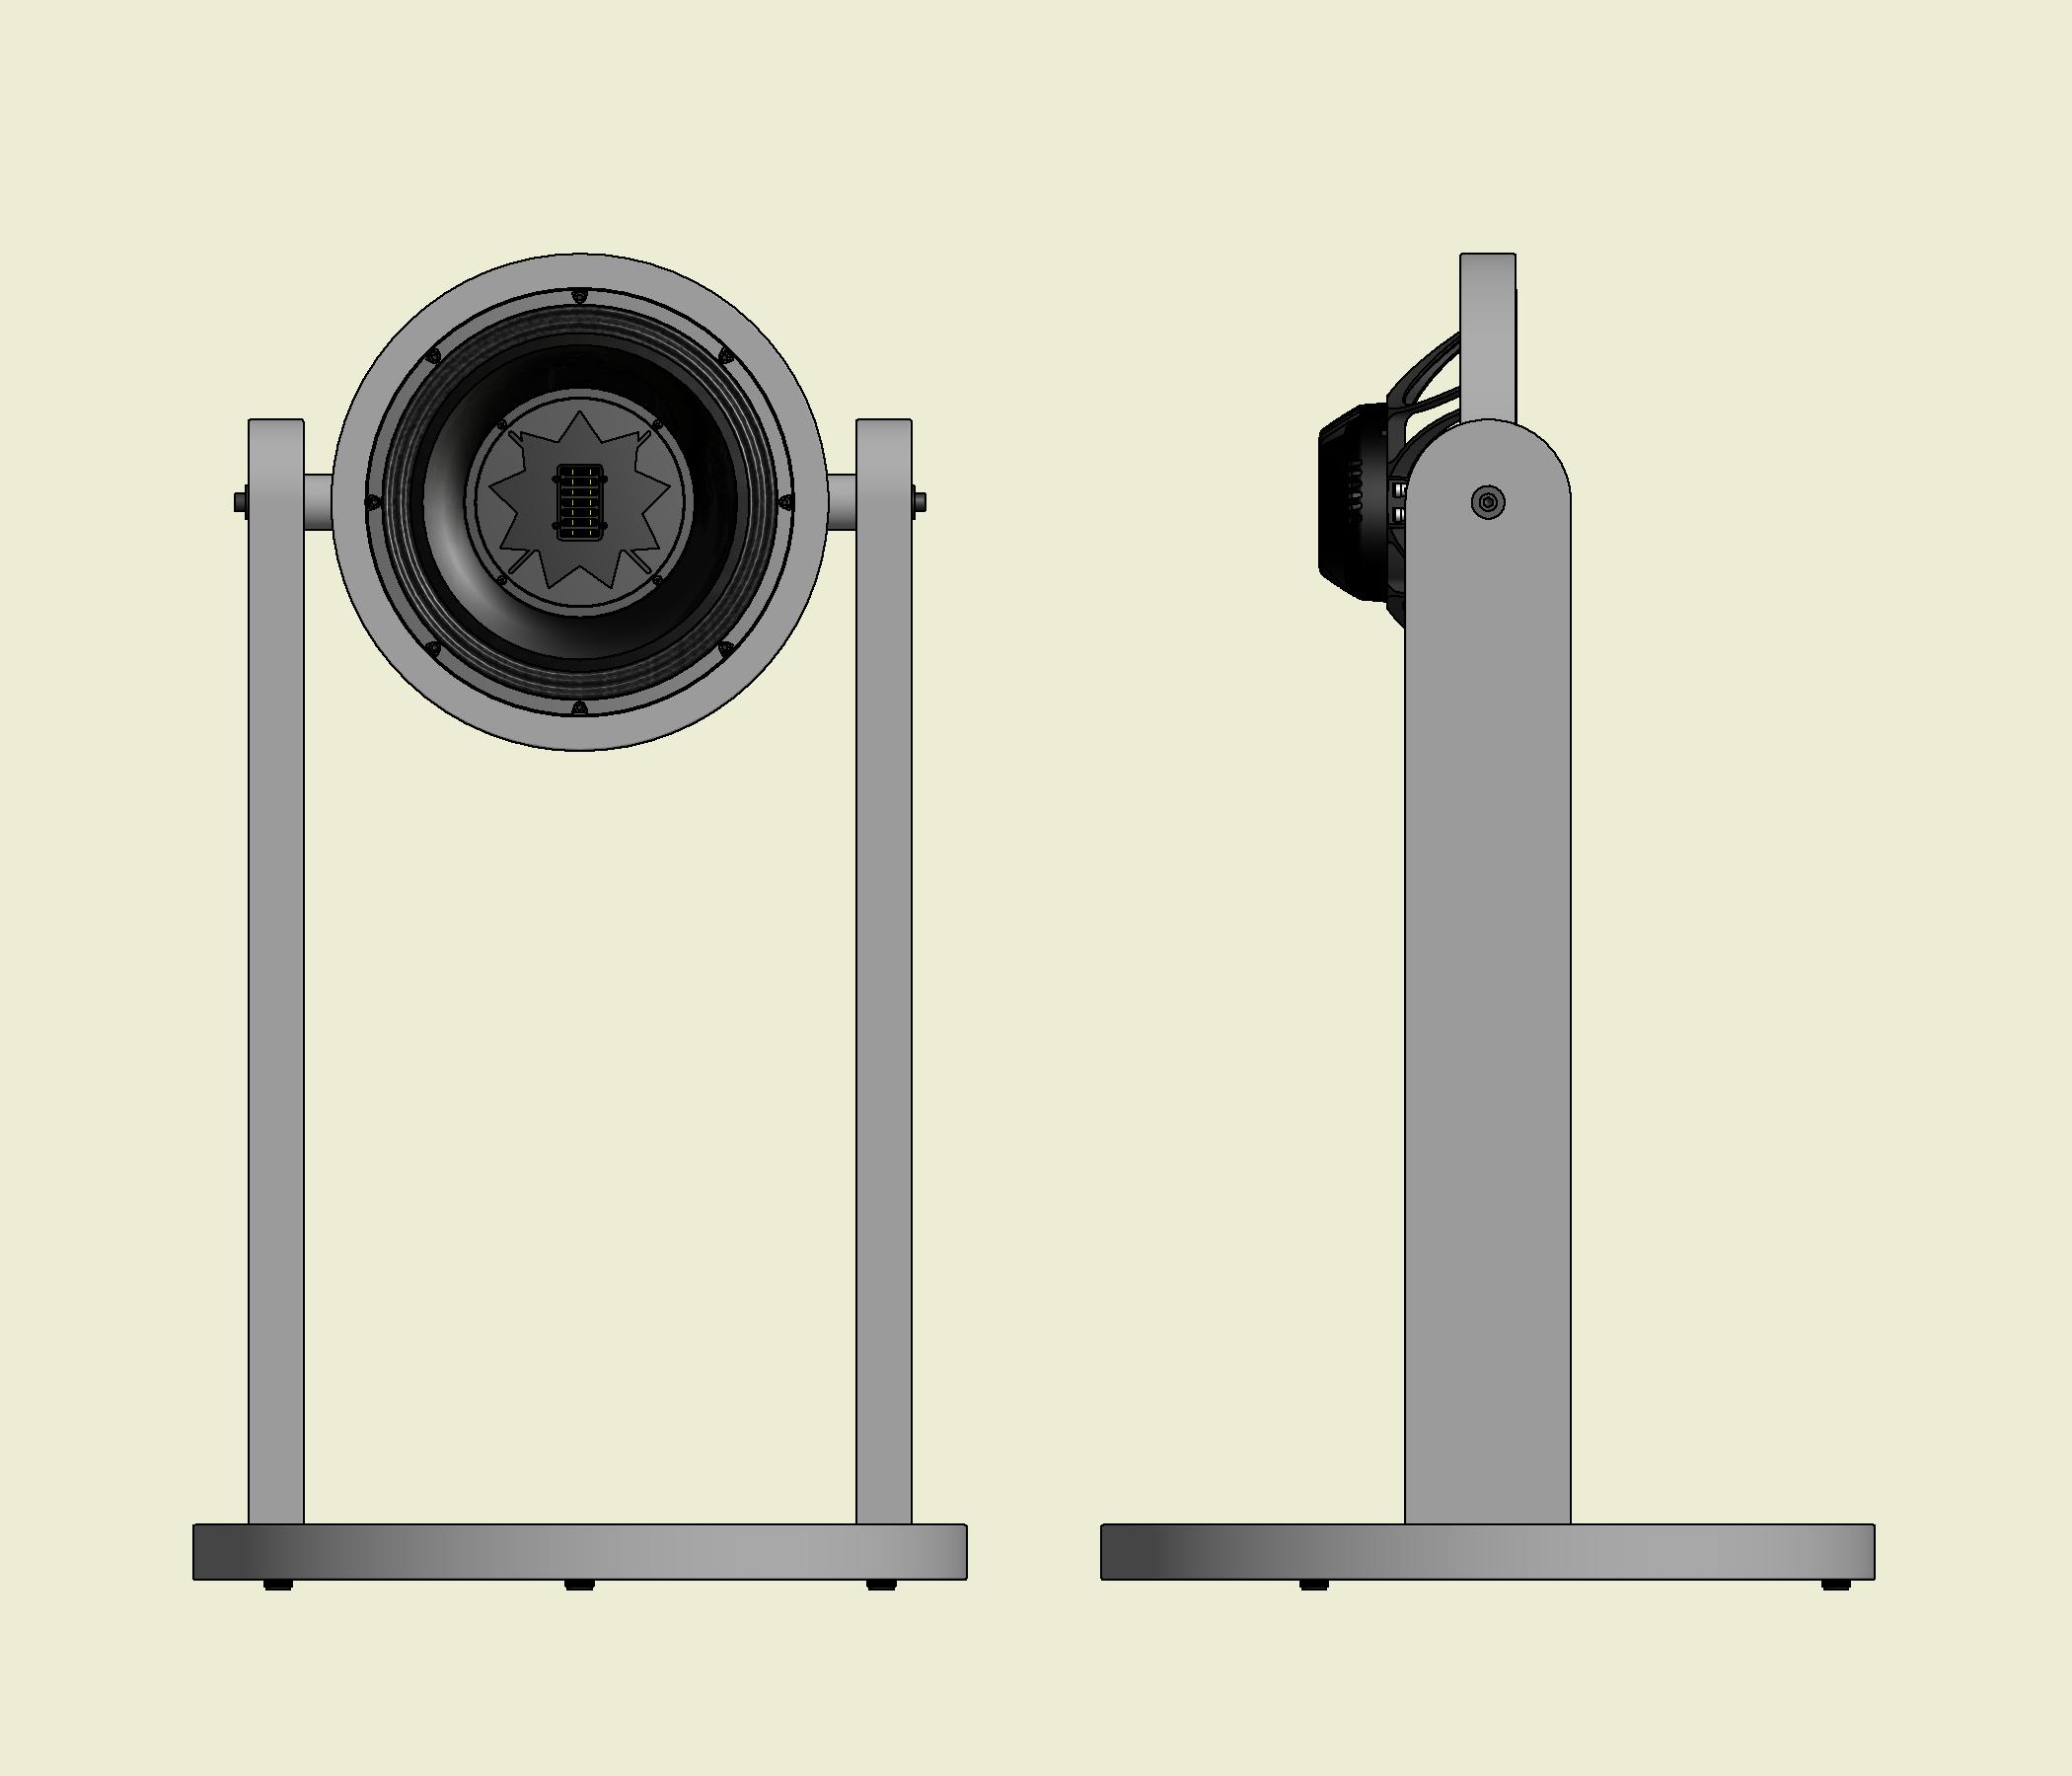 Tripoint Wandler Abmessungen CAD-Zeichnung